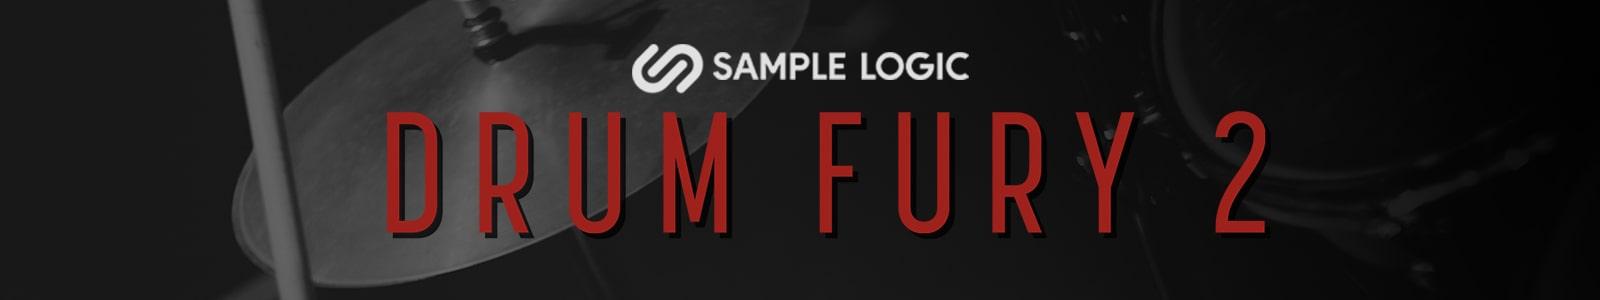 drum fury 2 by sample logic